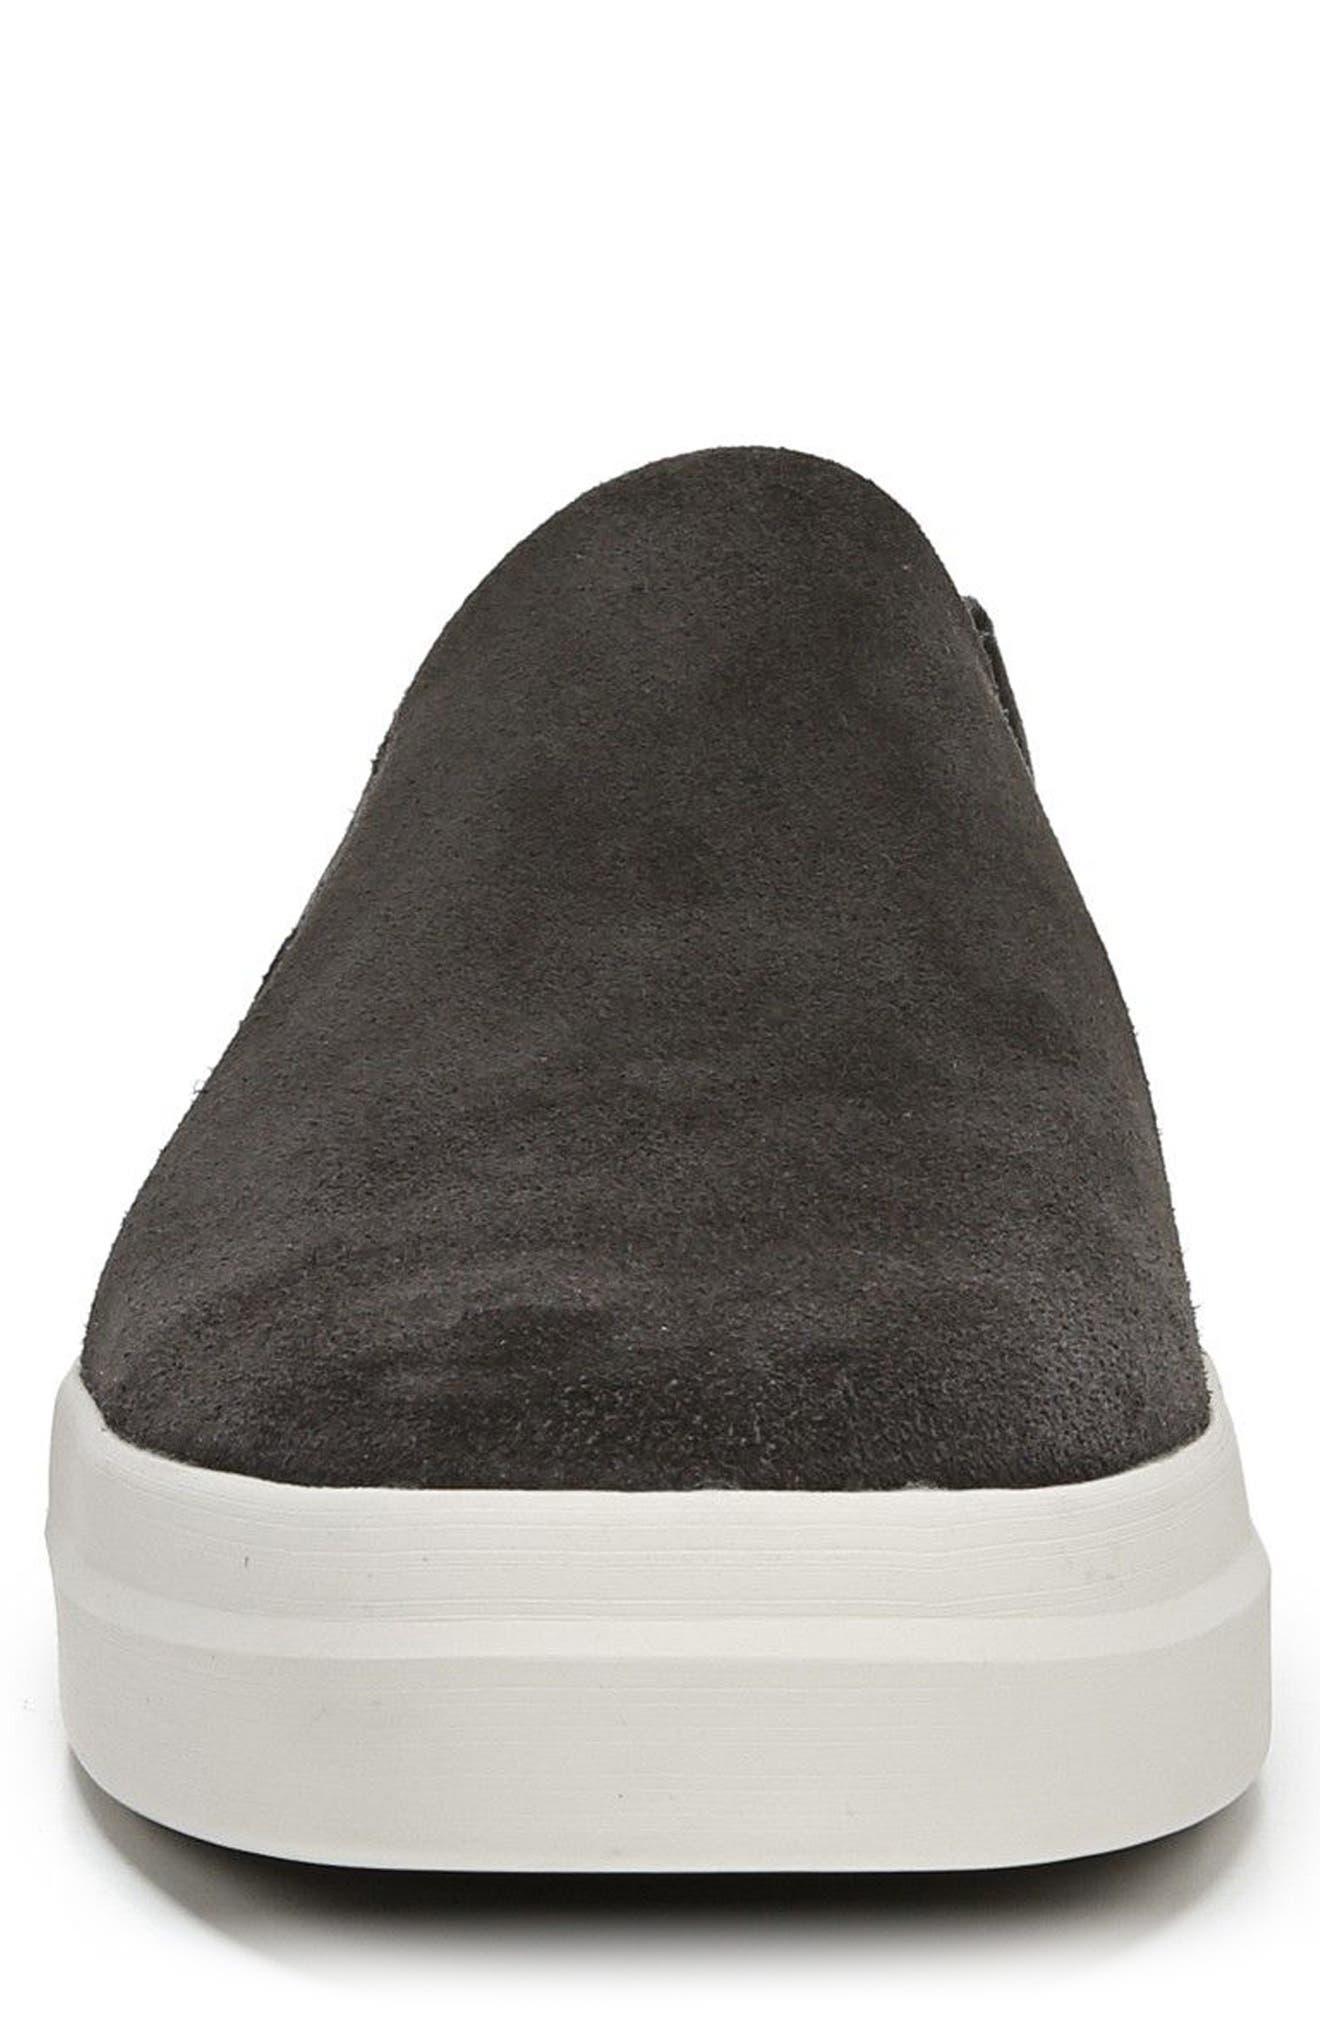 Carlin Slip-On Sneaker,                             Alternate thumbnail 4, color,                             020